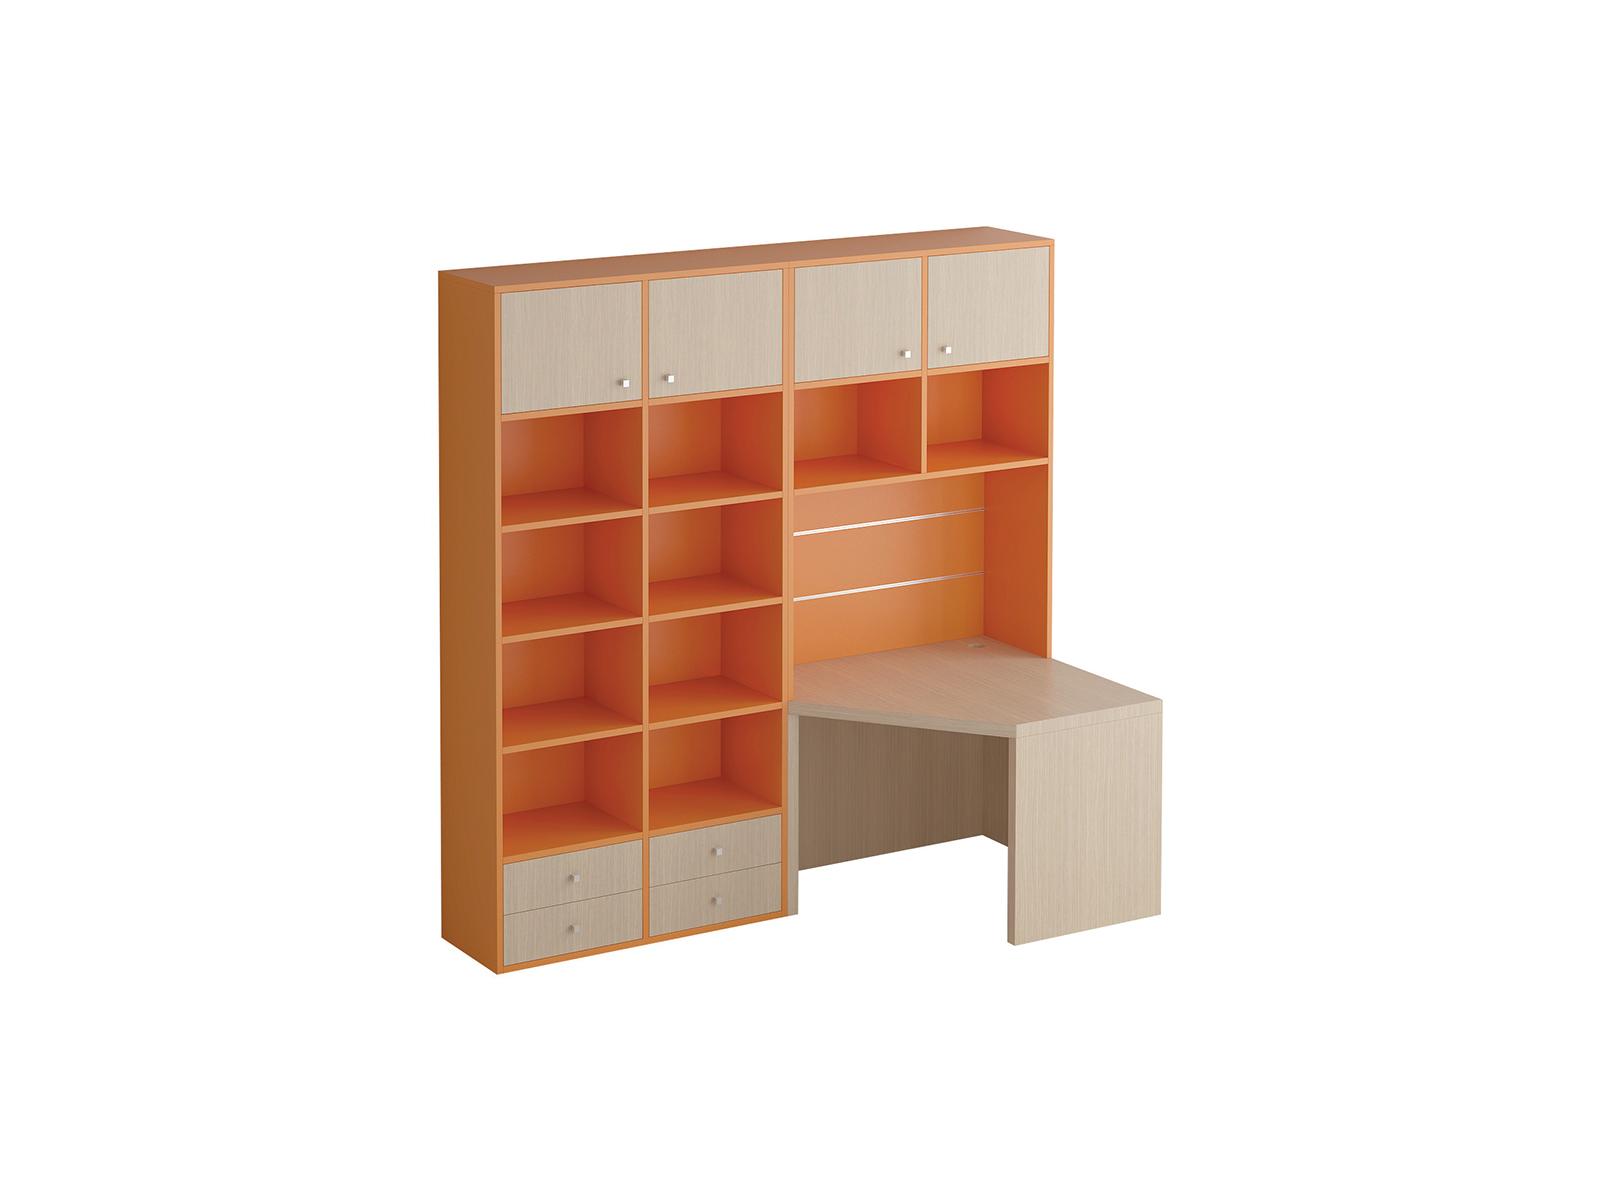 Композиция Pinokkio №16_1Основной раздел каталога<br>Широкий ассортимент модулей и яркий выбор цветов корпусов и фасадов. В коллекции ипользуется фурнитура производства Италии.<br>